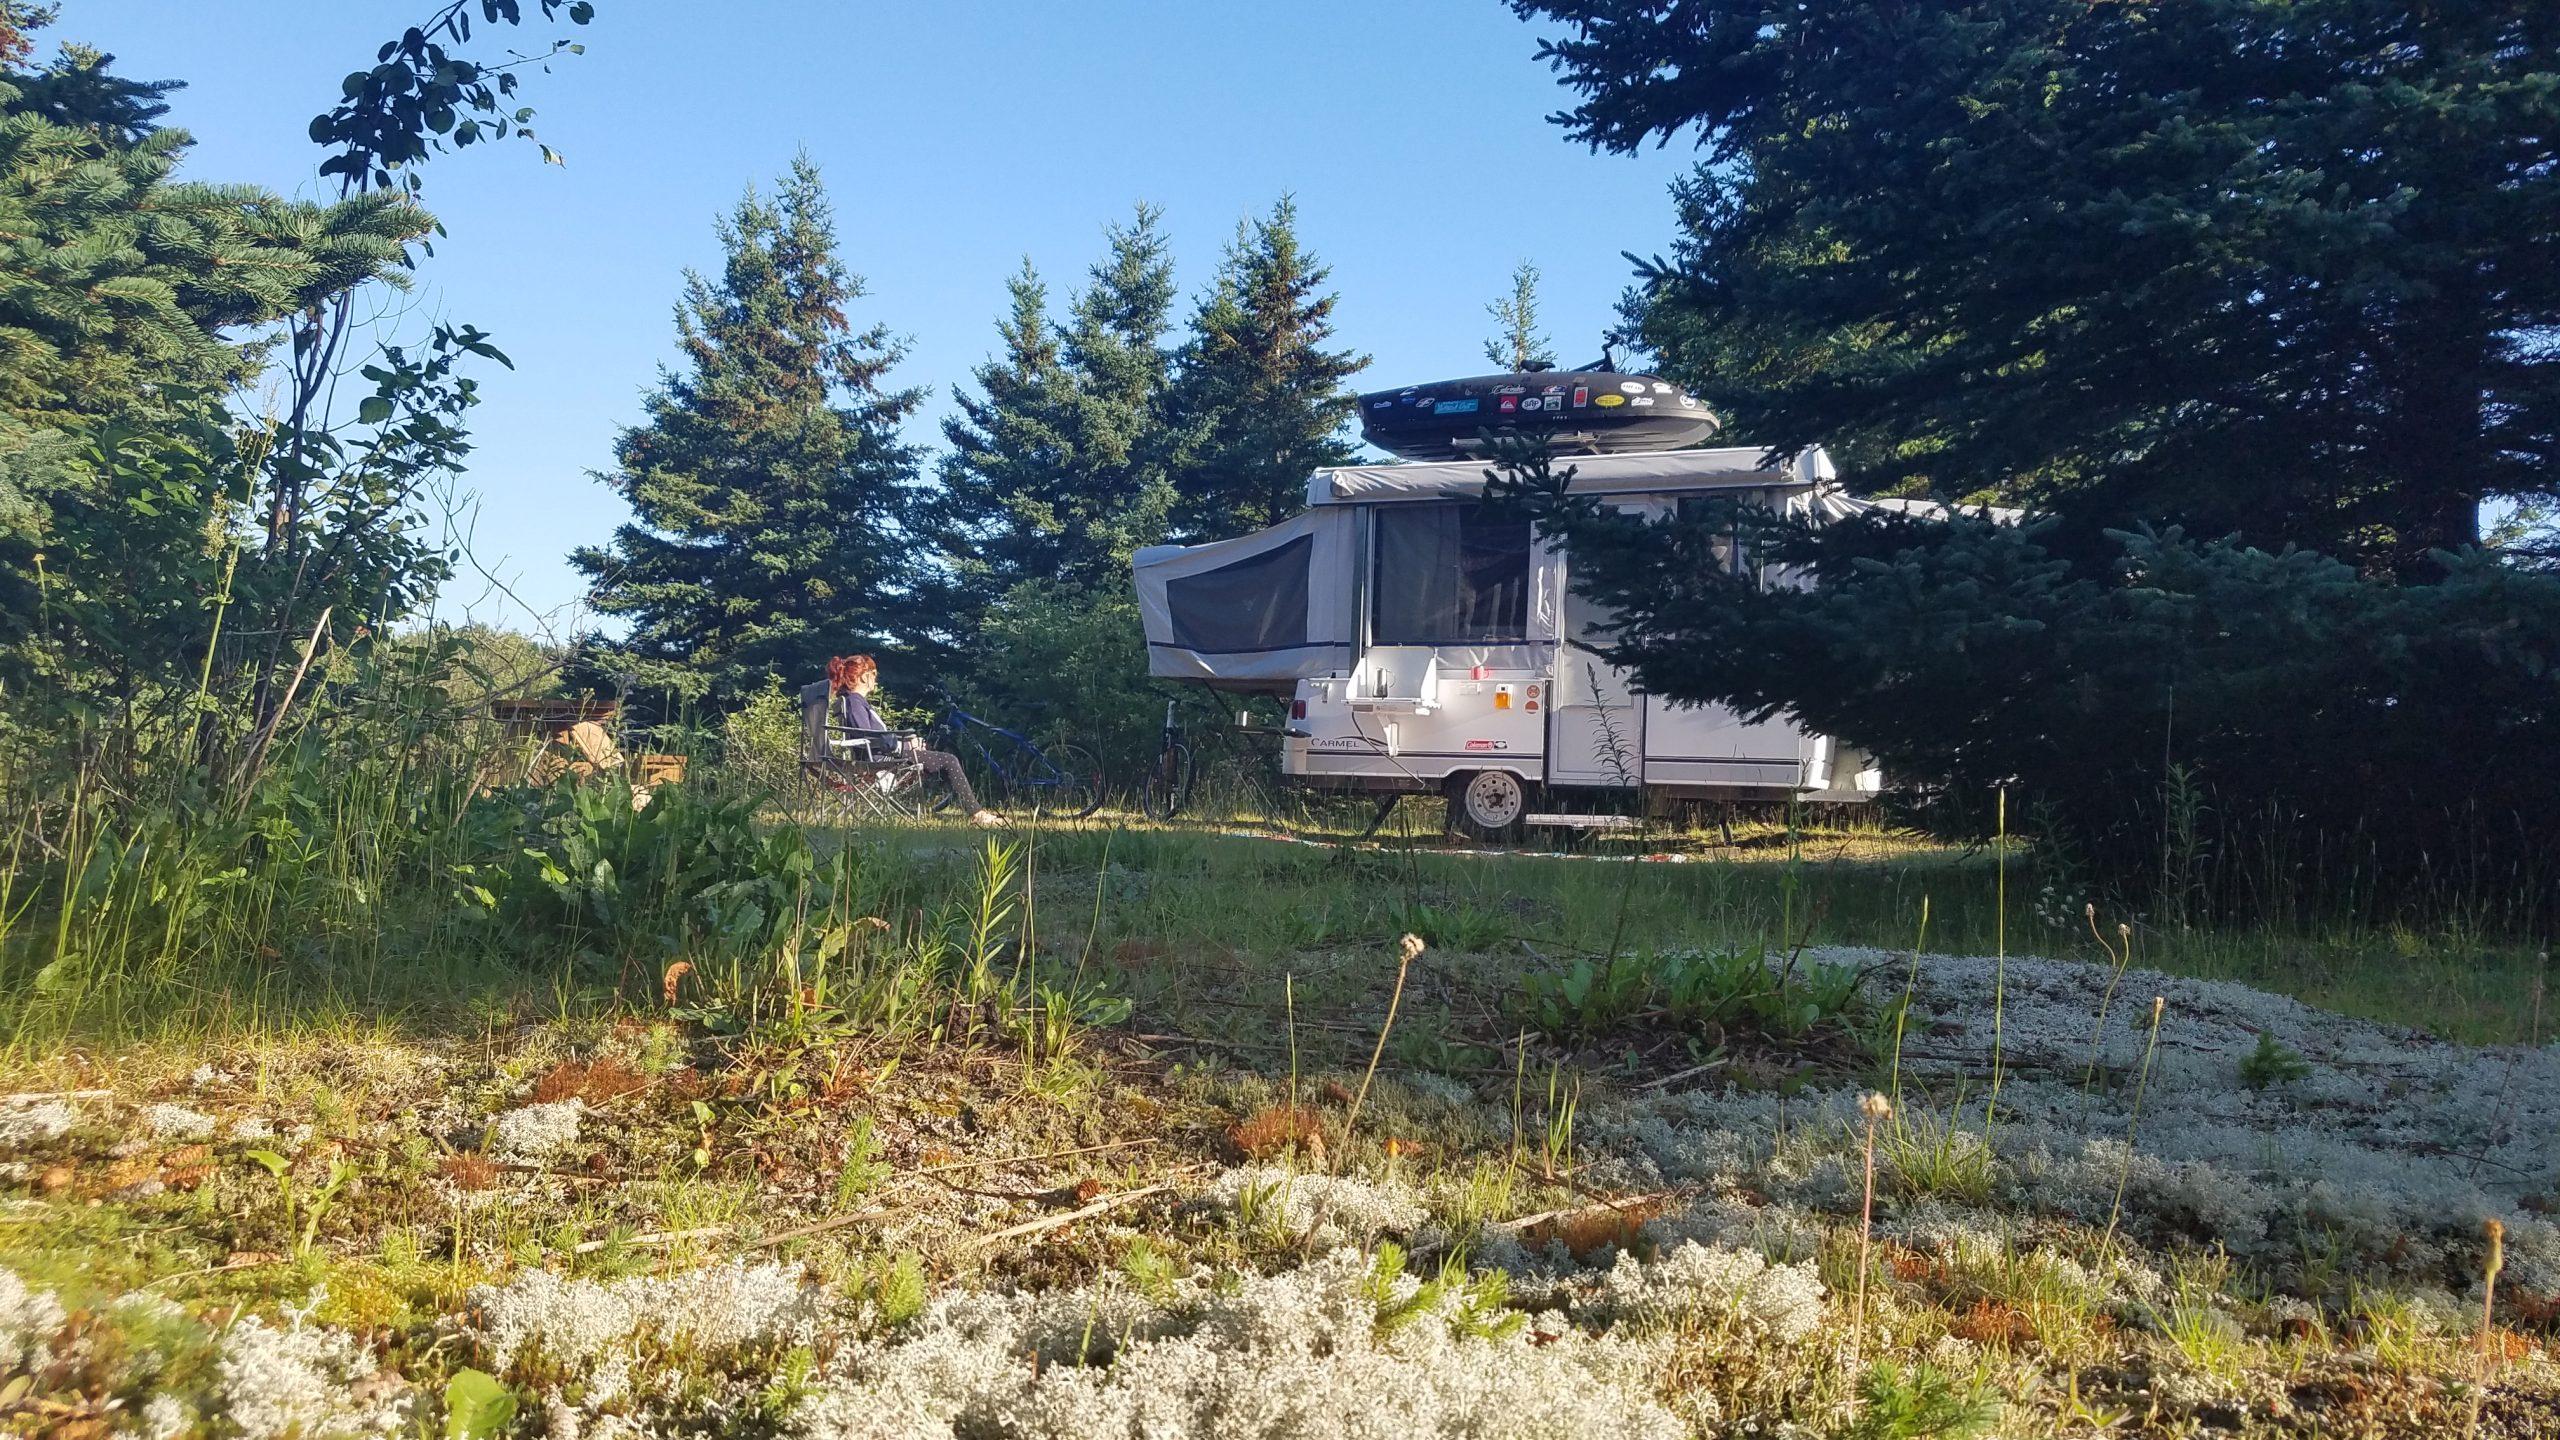 camping en tente roulotte bout d'en bas isle aux coudres